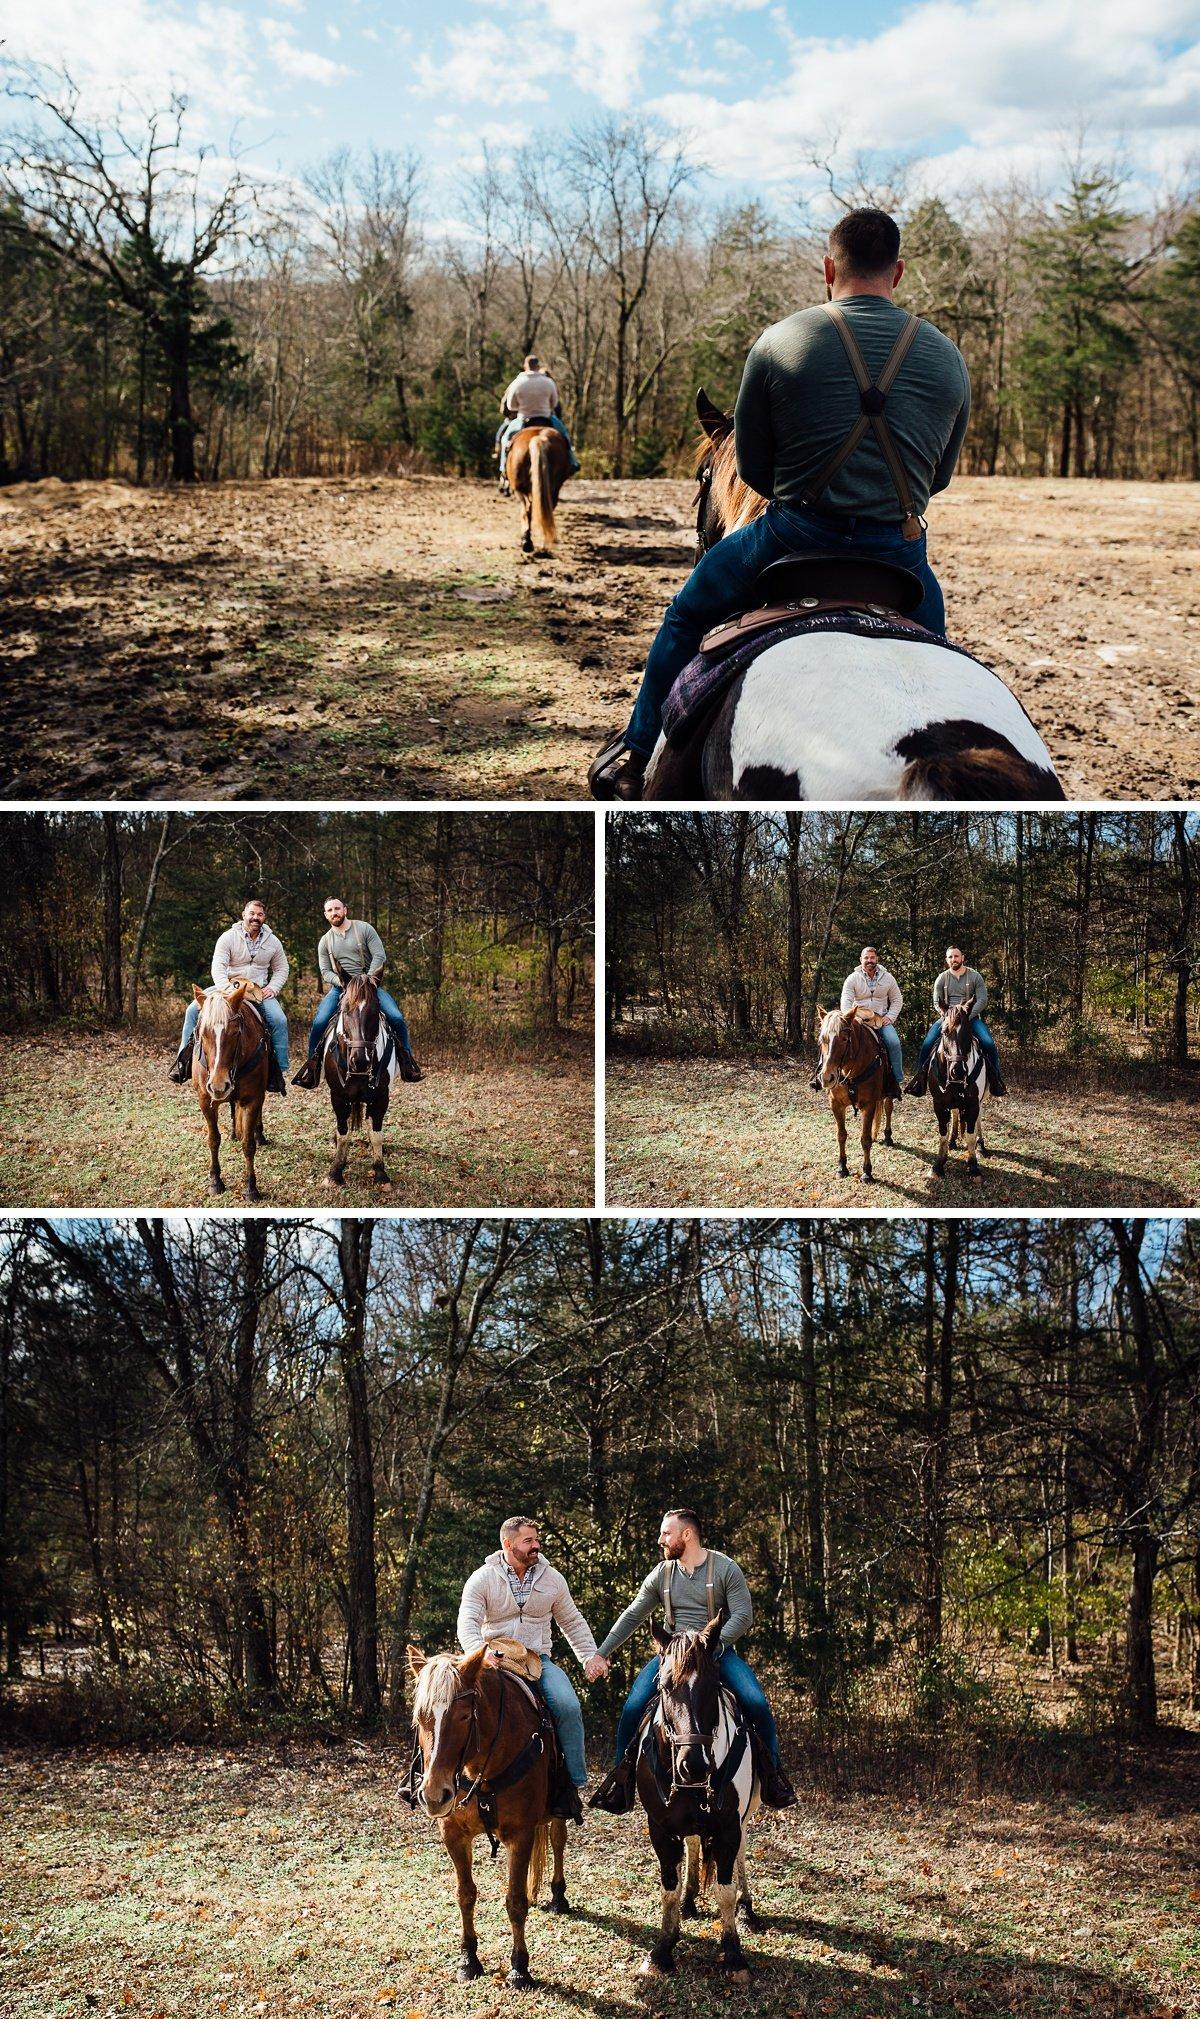 nashville-engagement-photographer-2 Horseback Engagement Session